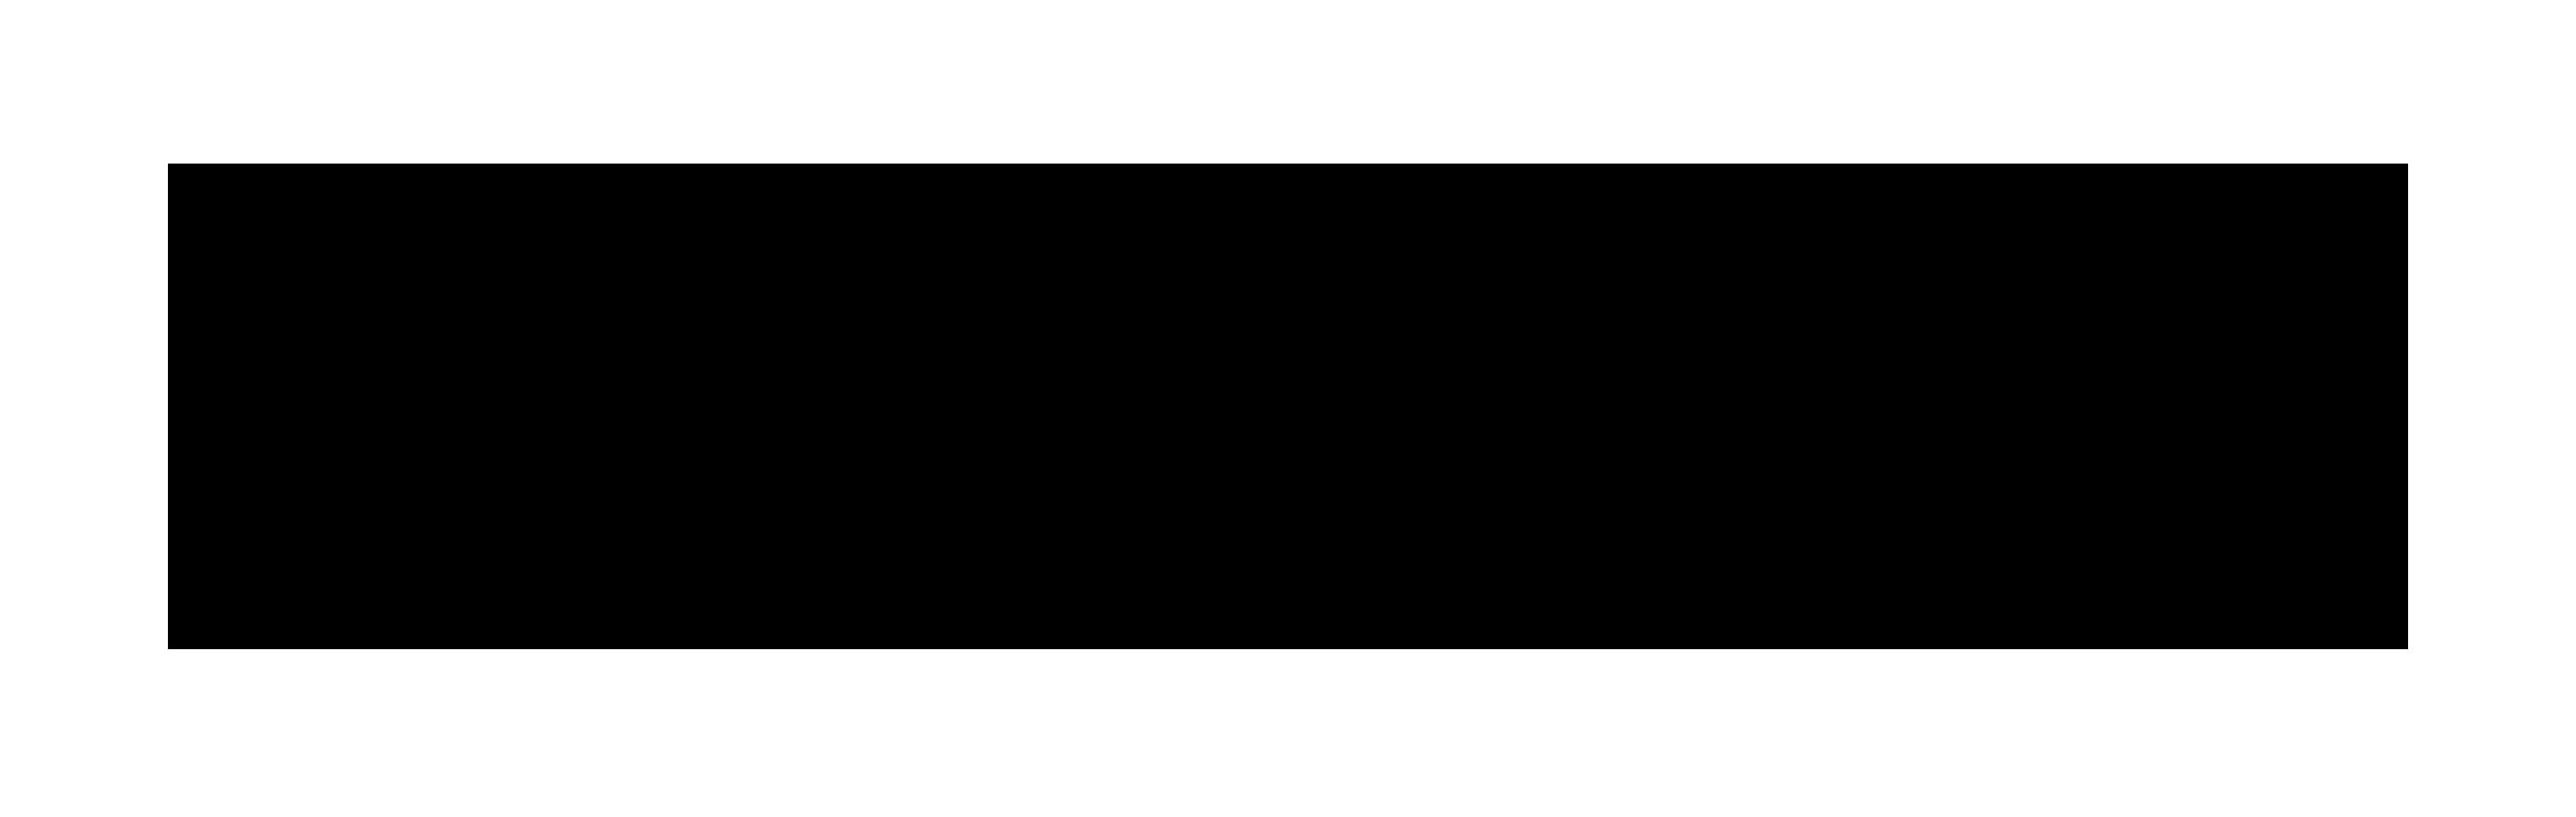 Black, 300ppi, PNG